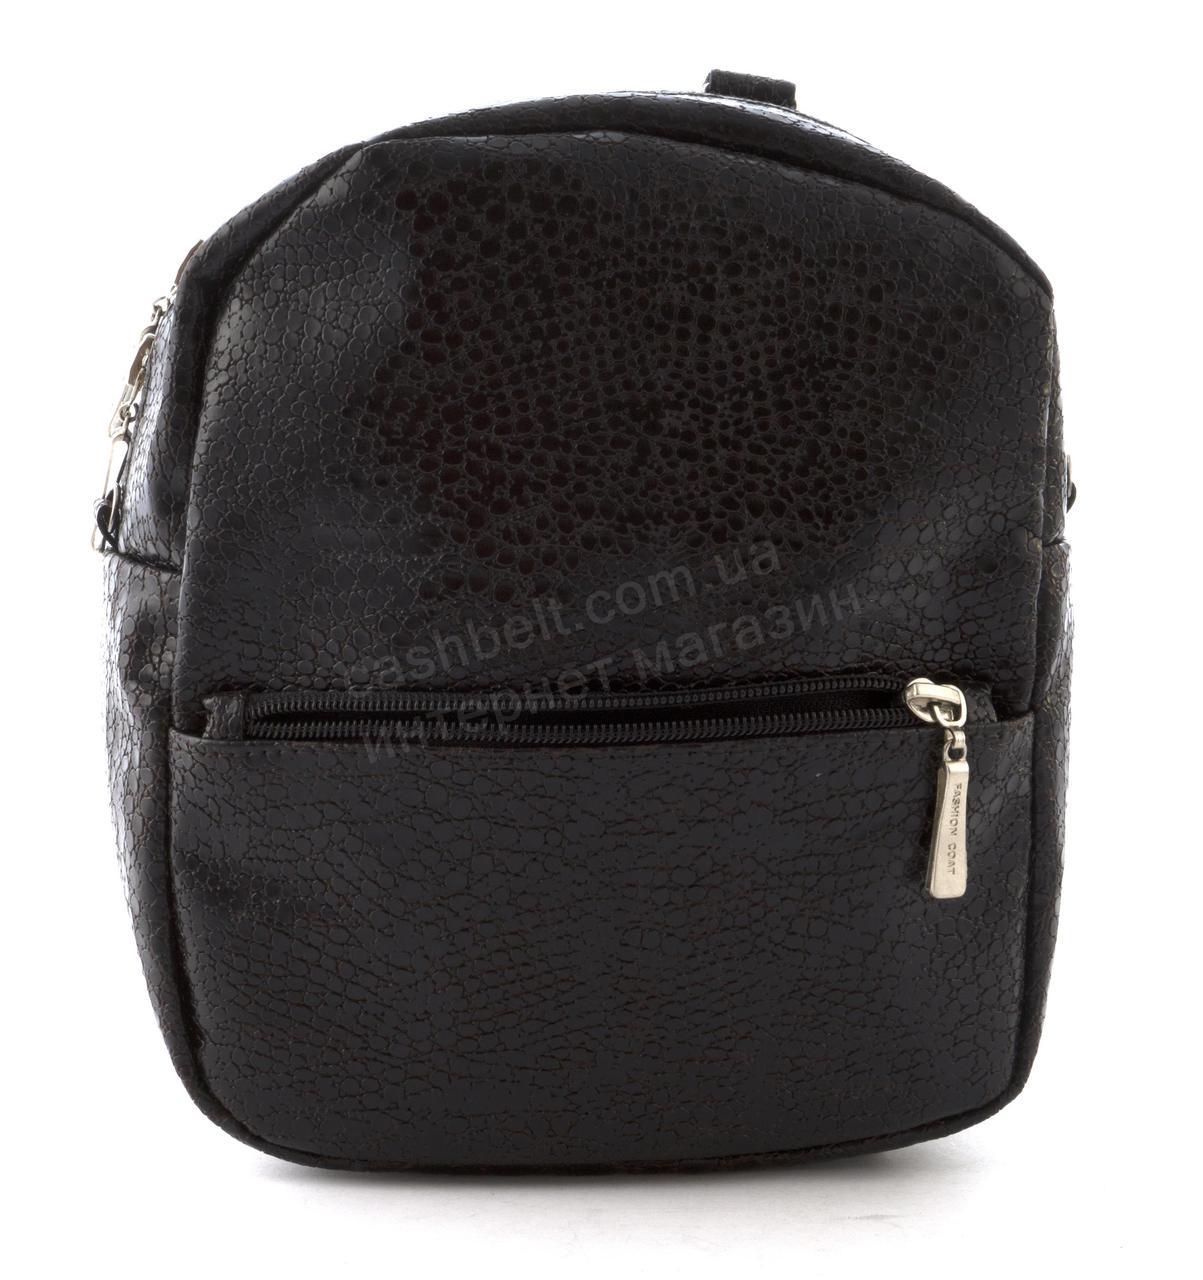 Маленький стильный оригинальный женский рюкзачок с качественной кожи PU ручная работа art. 016 (102297) корич